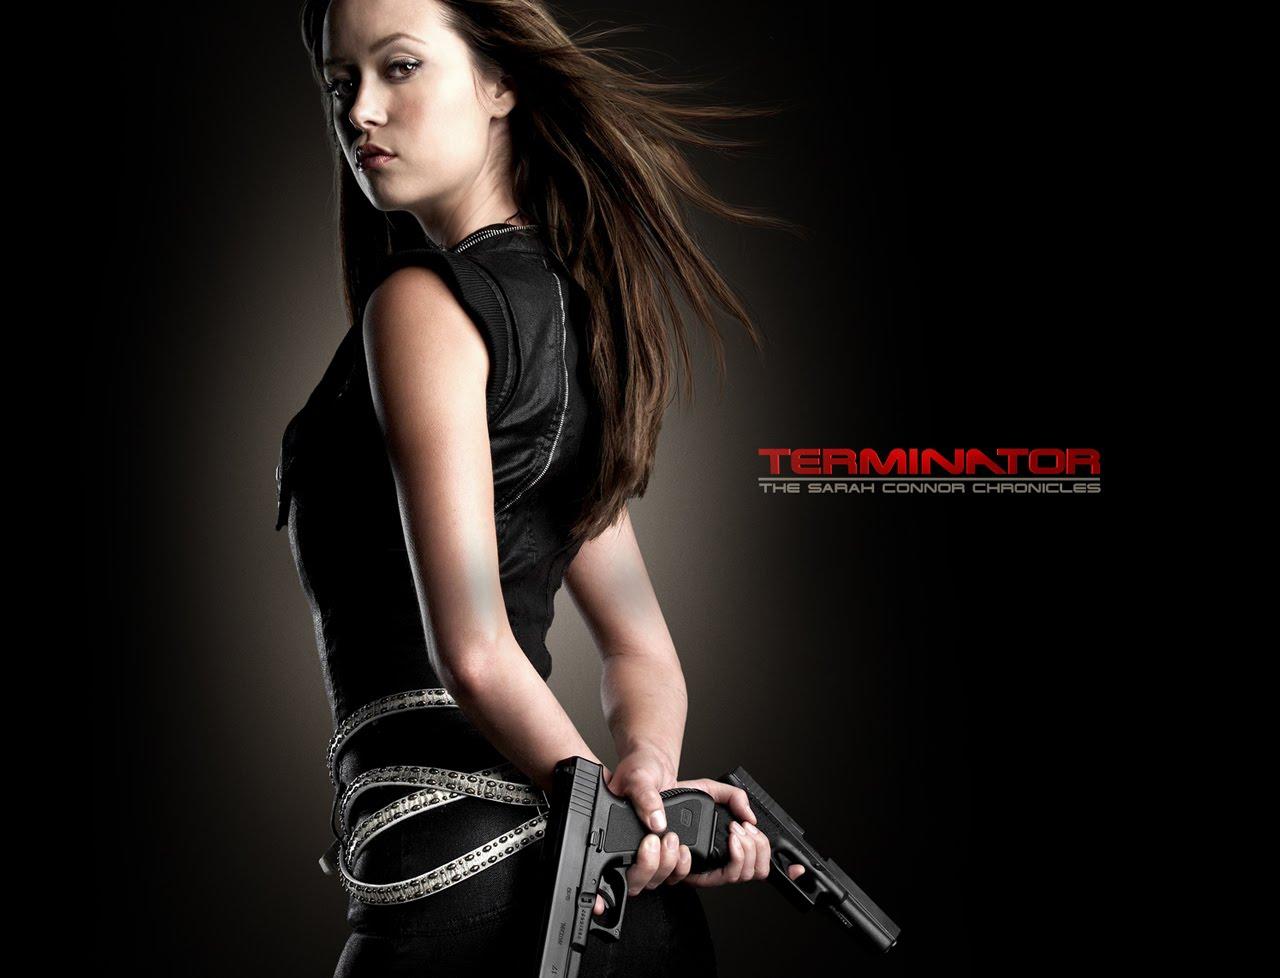 http://1.bp.blogspot.com/-Im85IU5e_iU/TZNaaaTmSwI/AAAAAAAAAKQ/wp7QxgAH2hs/s1600/terminator-the-sarah-connor-chronicles.jpg